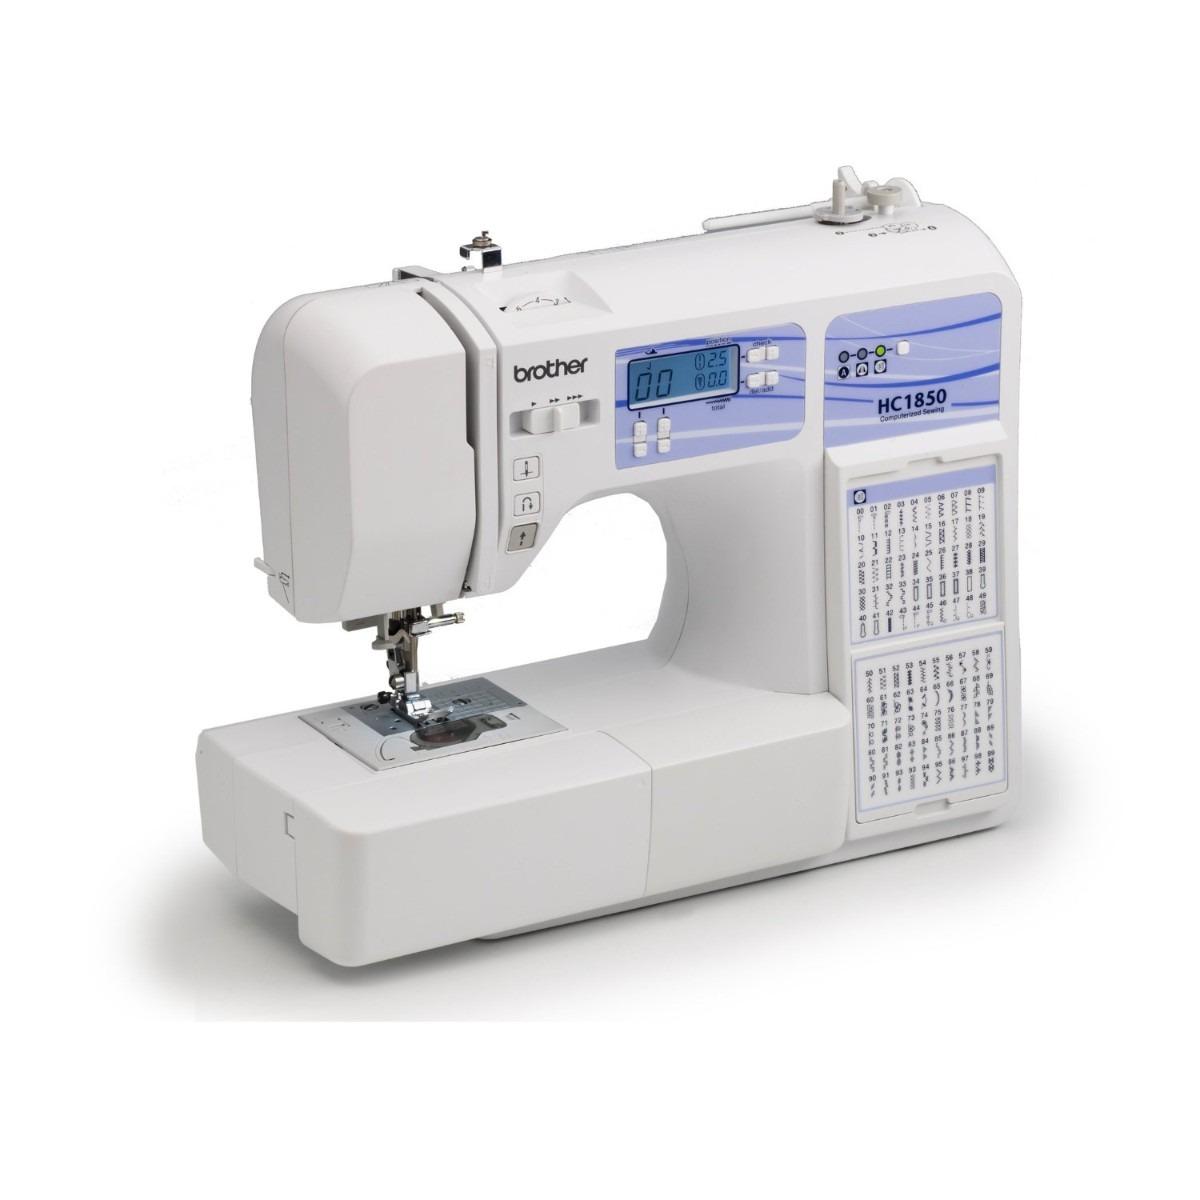 Maquina De Coser Brother Hc1850 Tabla 130 Puntadas Pm0